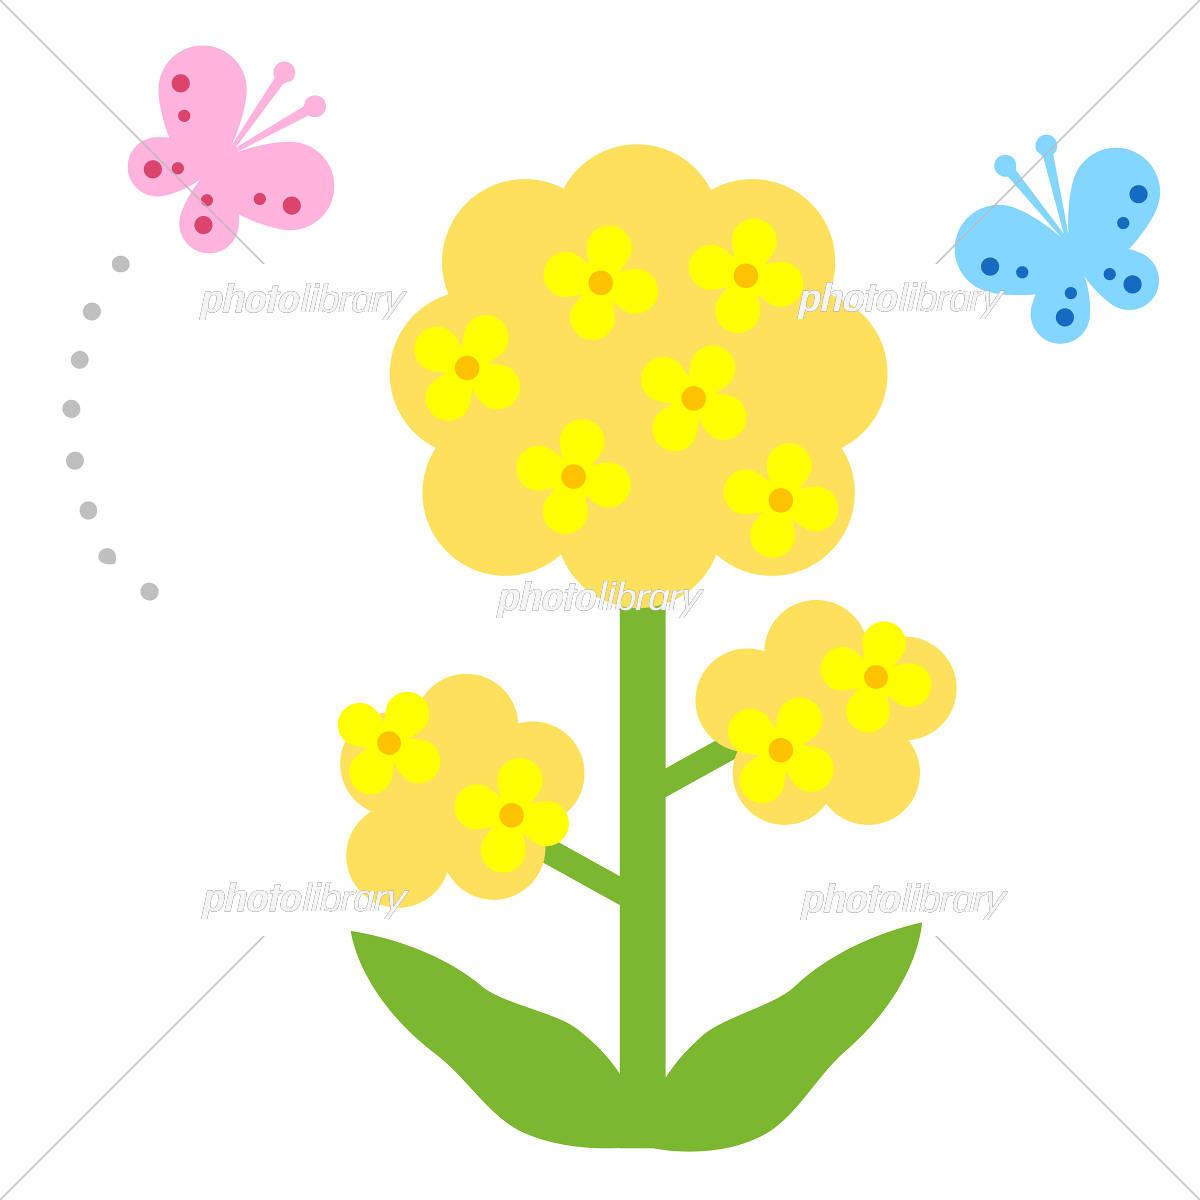 春イメージ 菜の花と蝶々 イラスト素材 [ 5350218 ] - フォトライブ